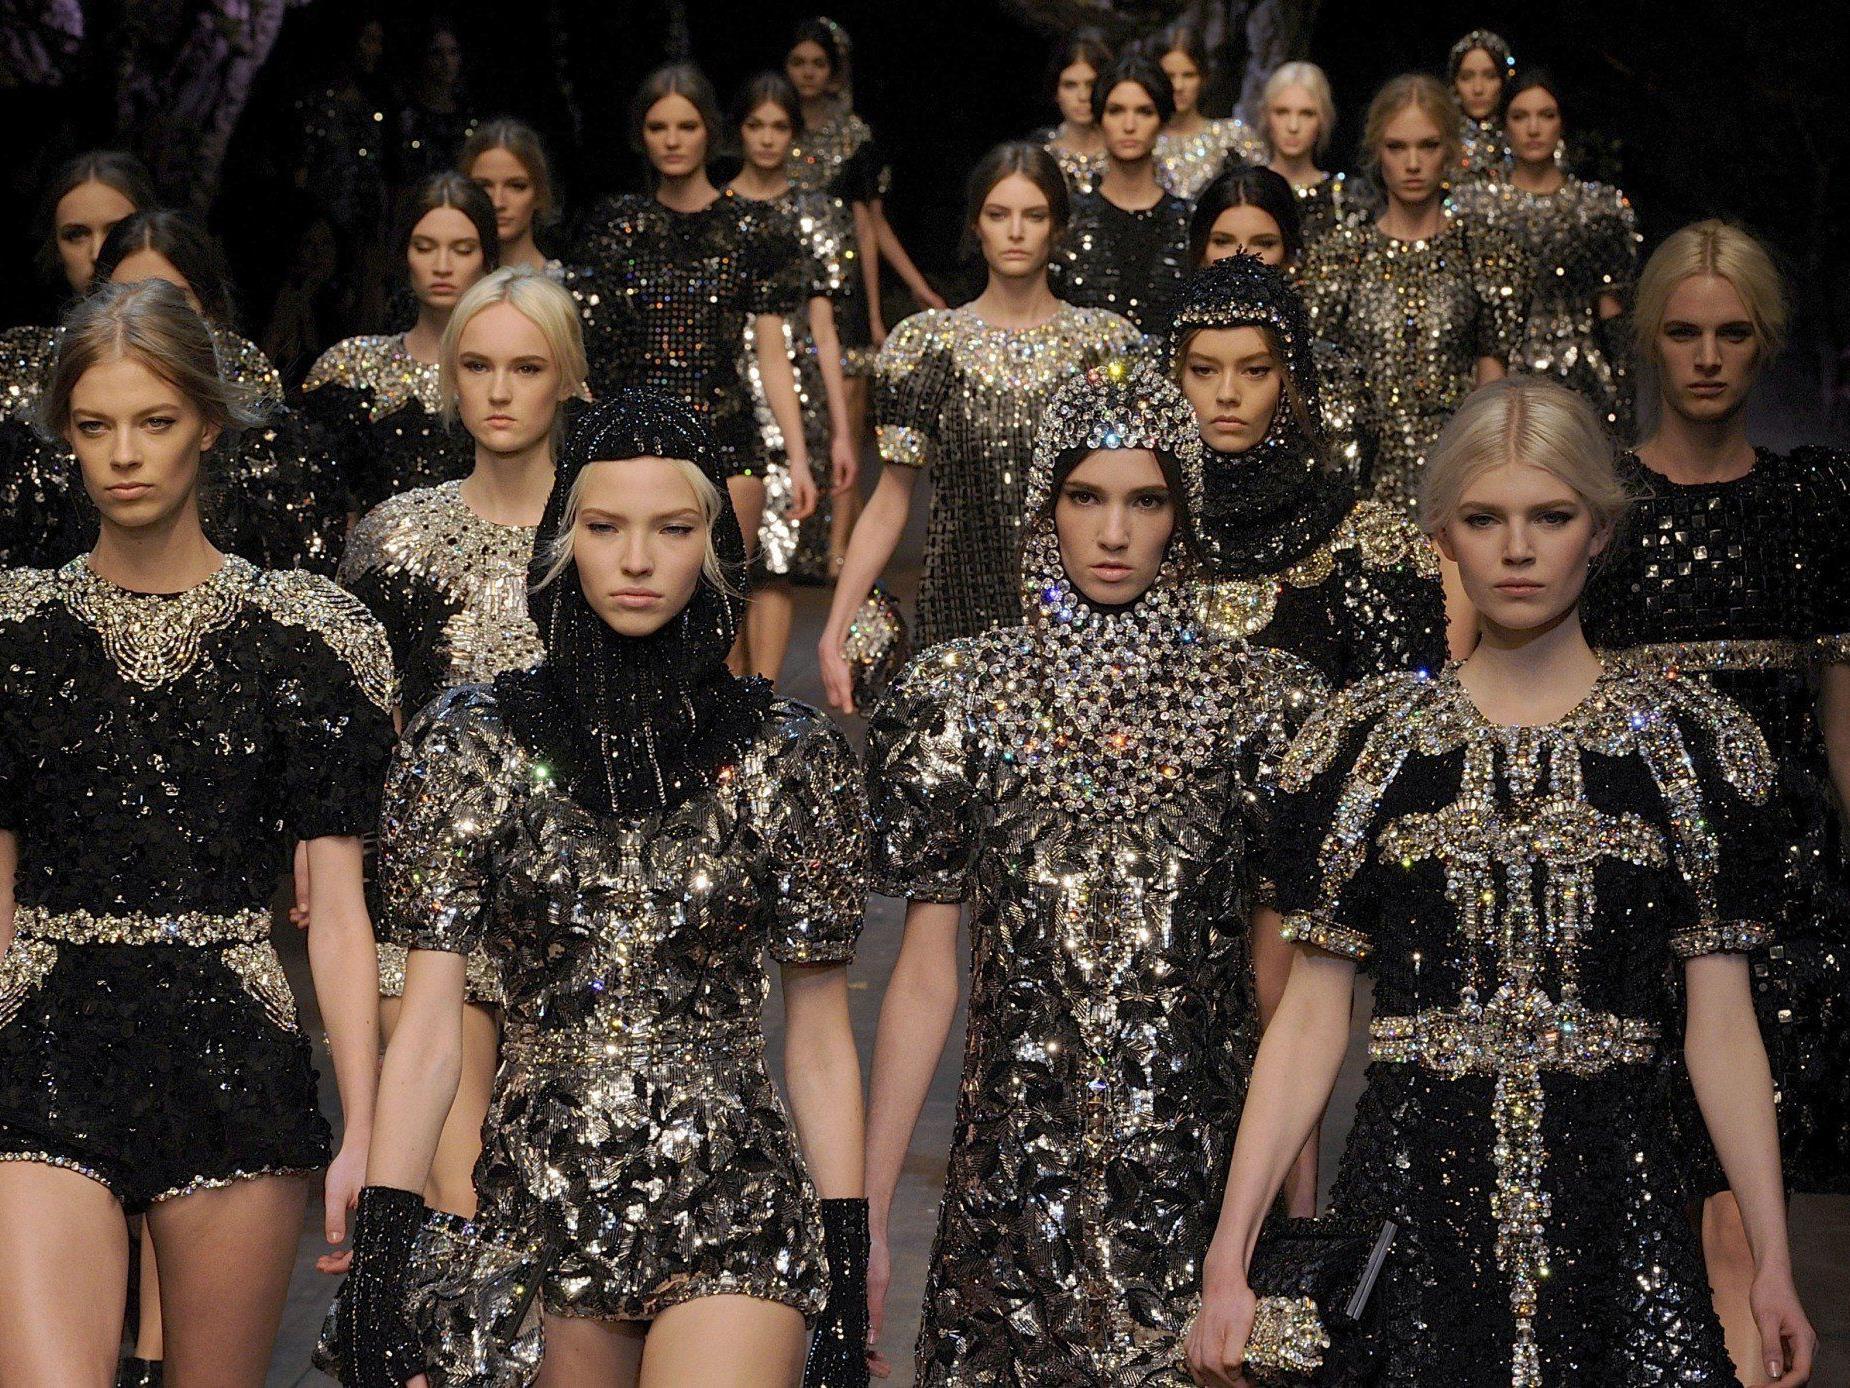 Märchenhaftes von Dolce & Gabbana - nächste Trendschau in Paris.